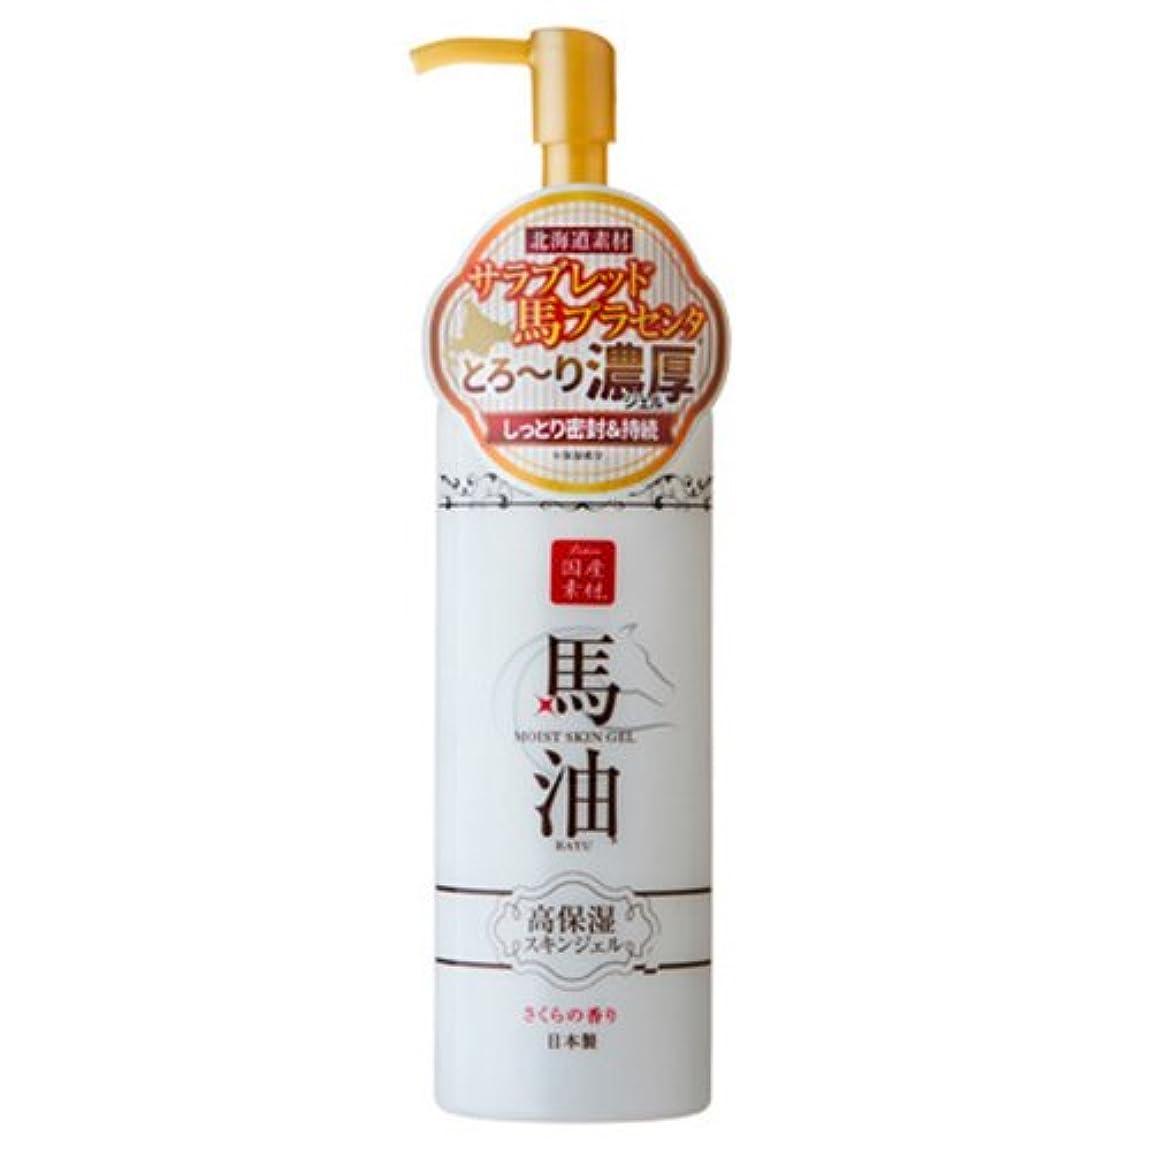 値エッセンス受け継ぐアイスタイル リシャン 馬油しっとりスキンジェル さくらの香り 200mL